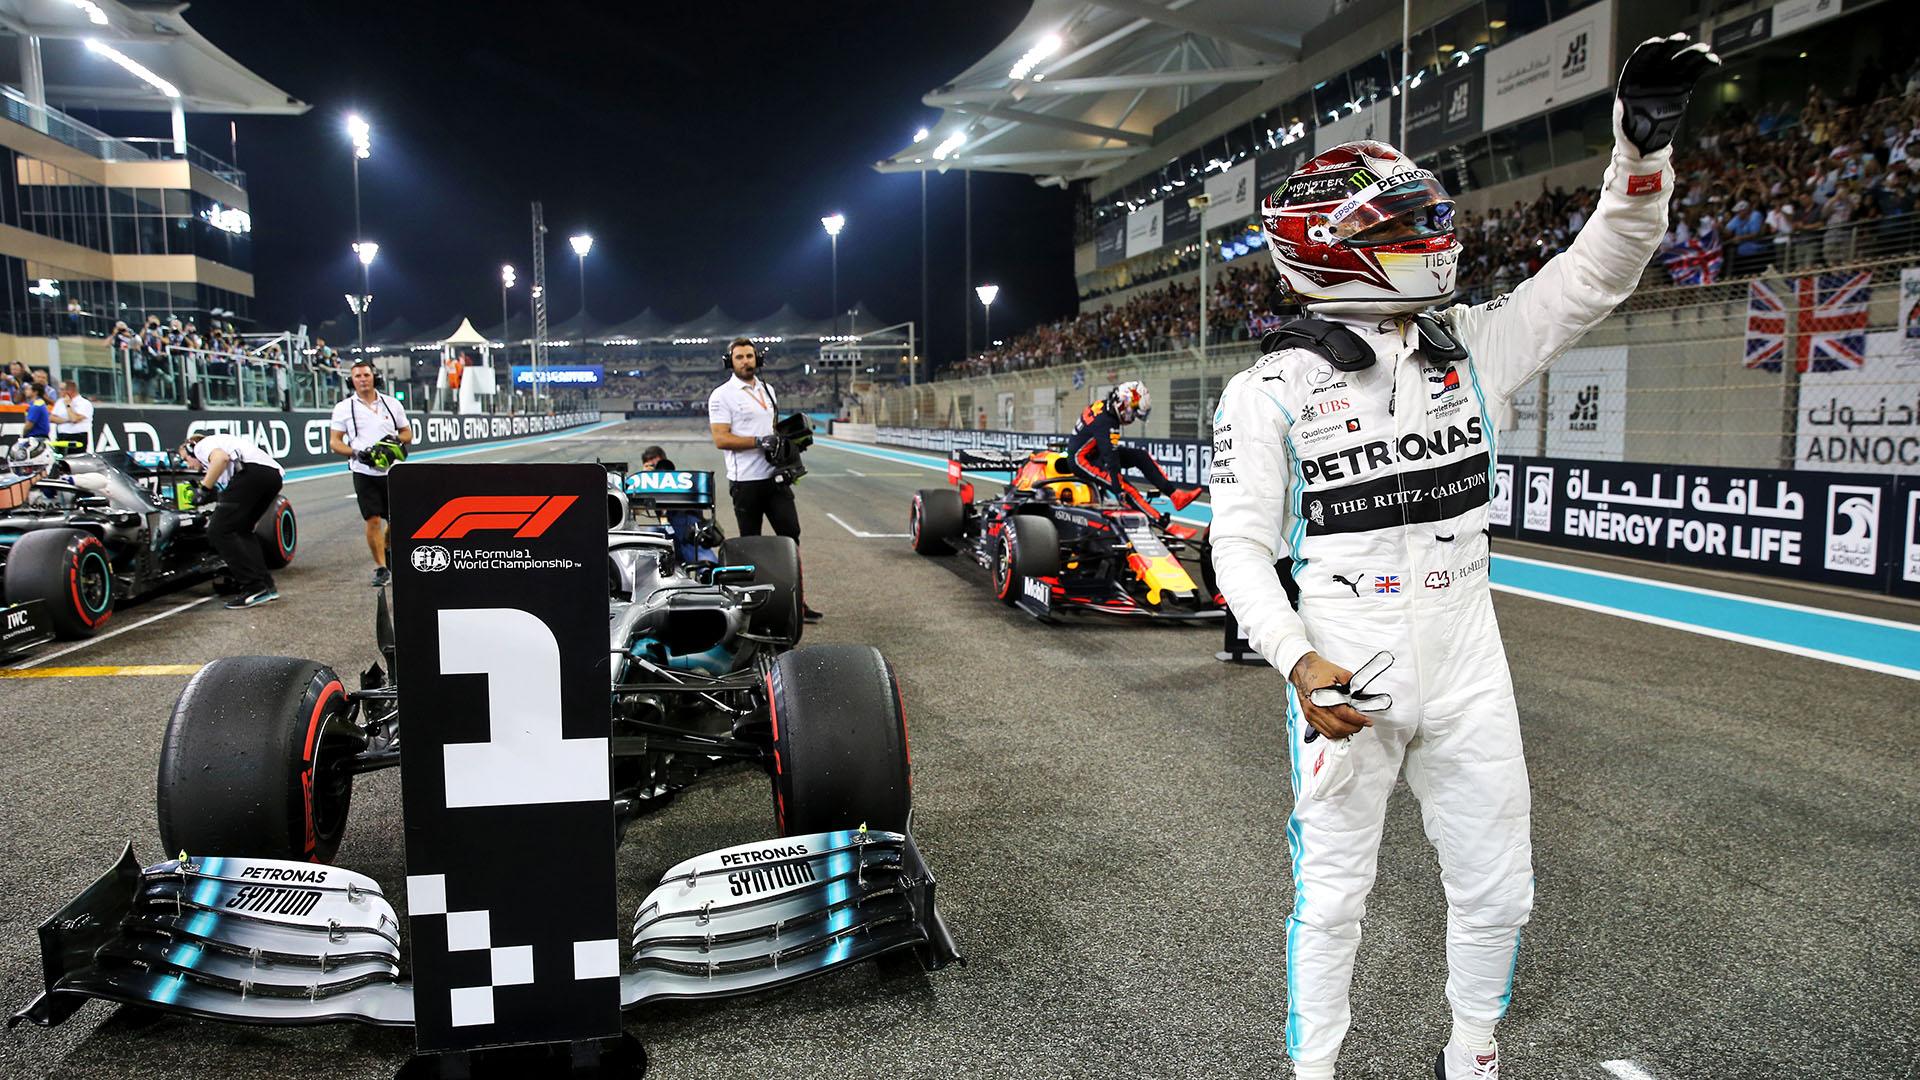 Ф1: Шампионско возење на Хамилтон во Абу Даби